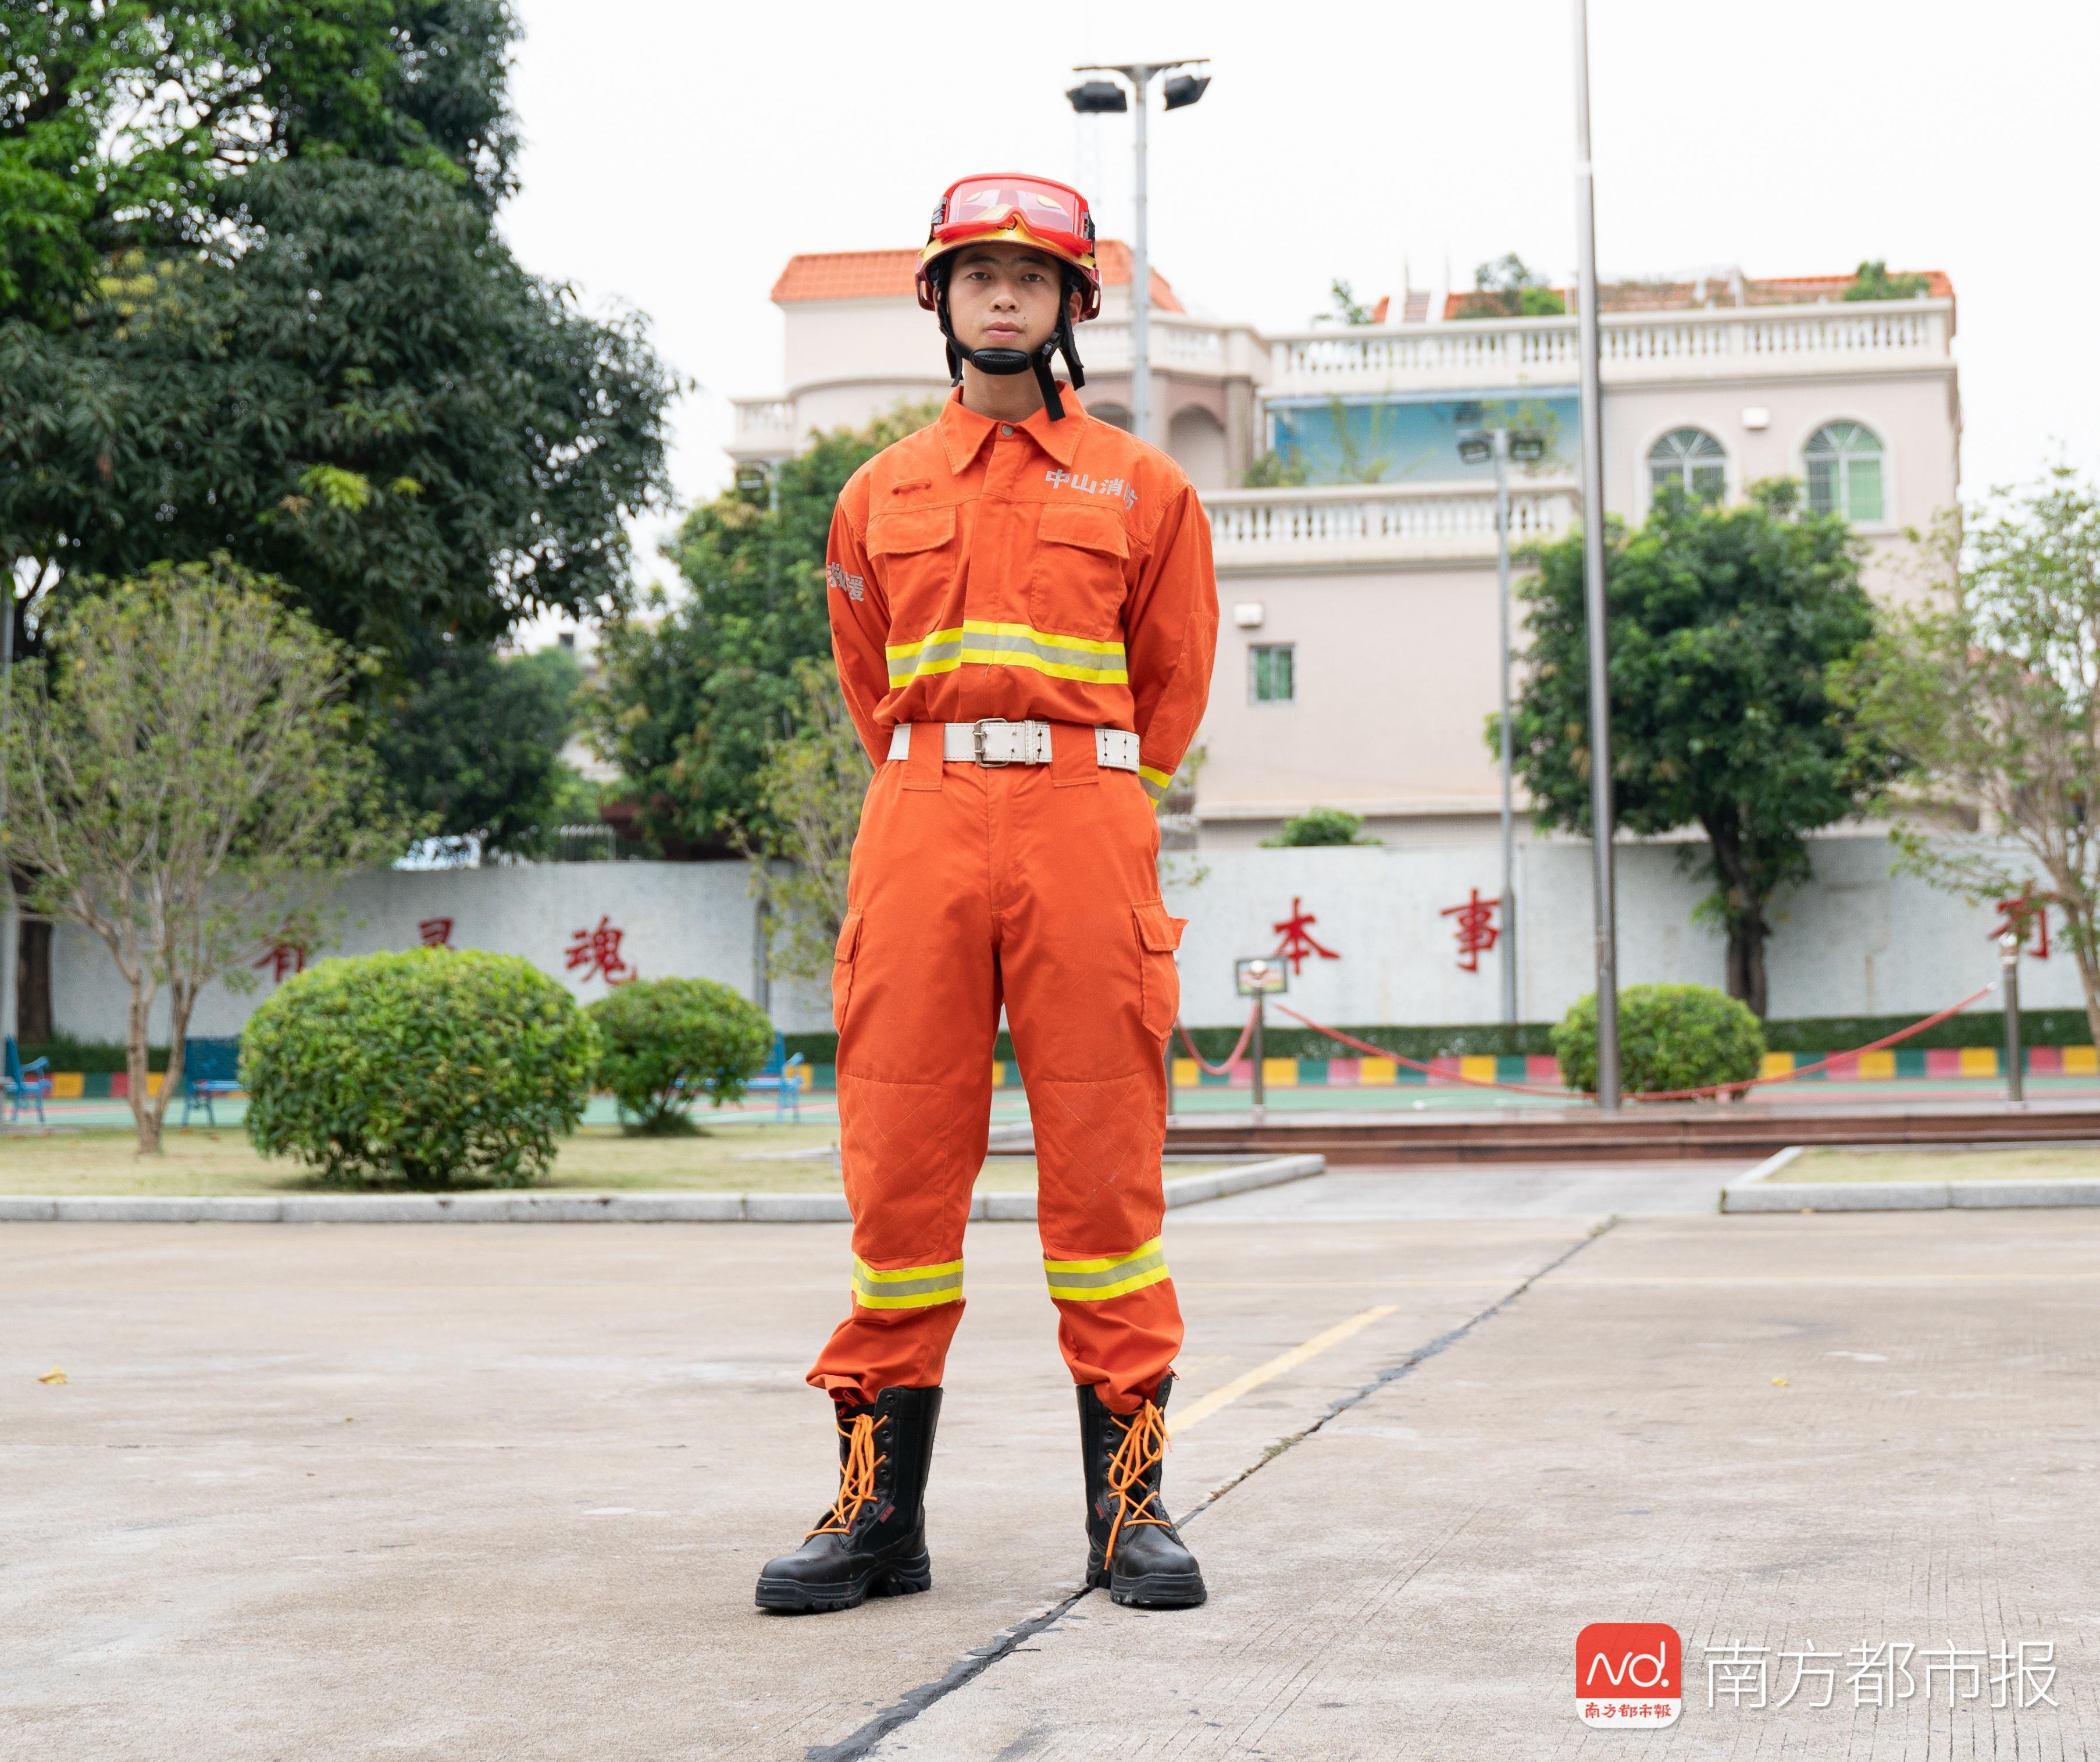 廣東一男子3樓縱身跳下 消防員舍命接住被砸受傷